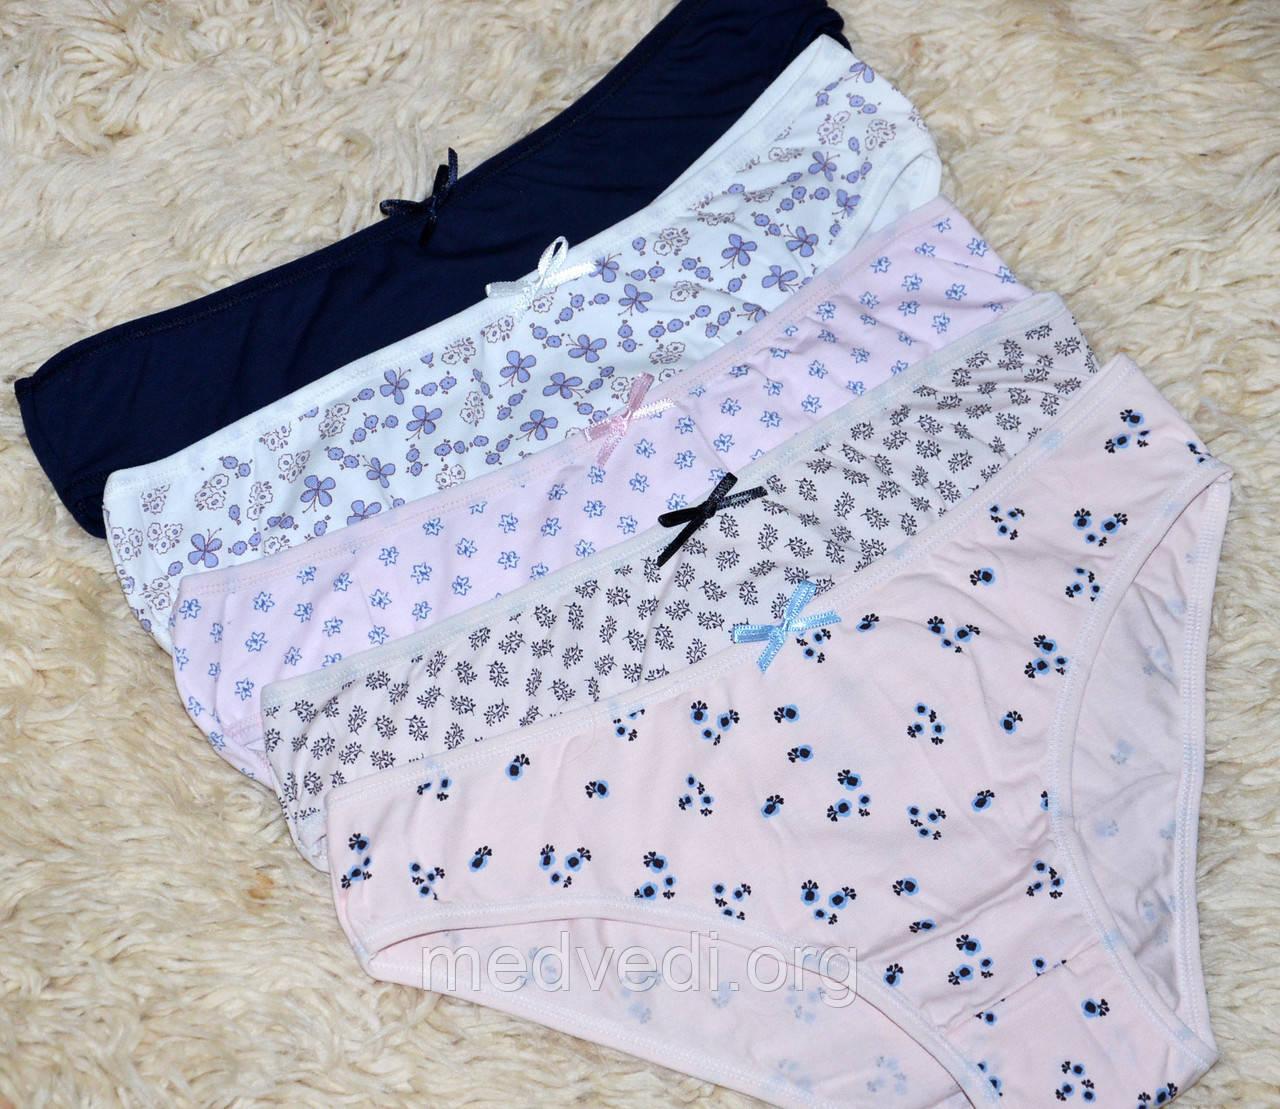 Набір жіночих трусів, комплект з 5 штук, бавовна, Туреччина розмір XL, сині, рожеві, червоні, білі, бежеві